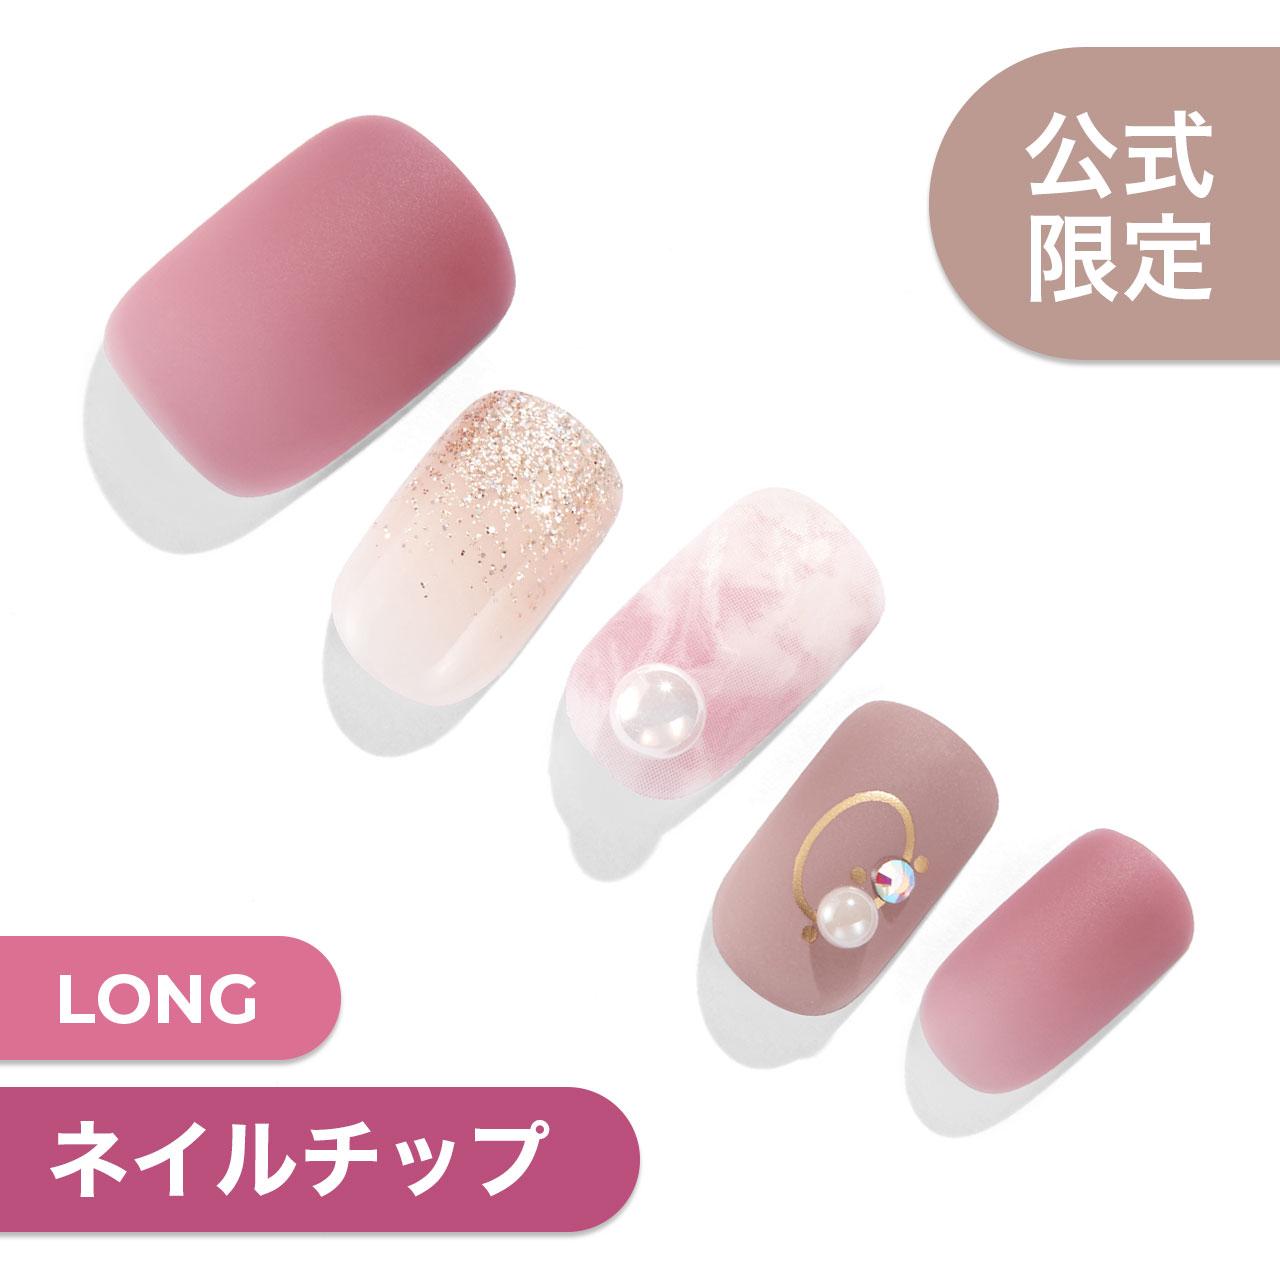 【Rosé Marble】ダッシングディバマジックプレス